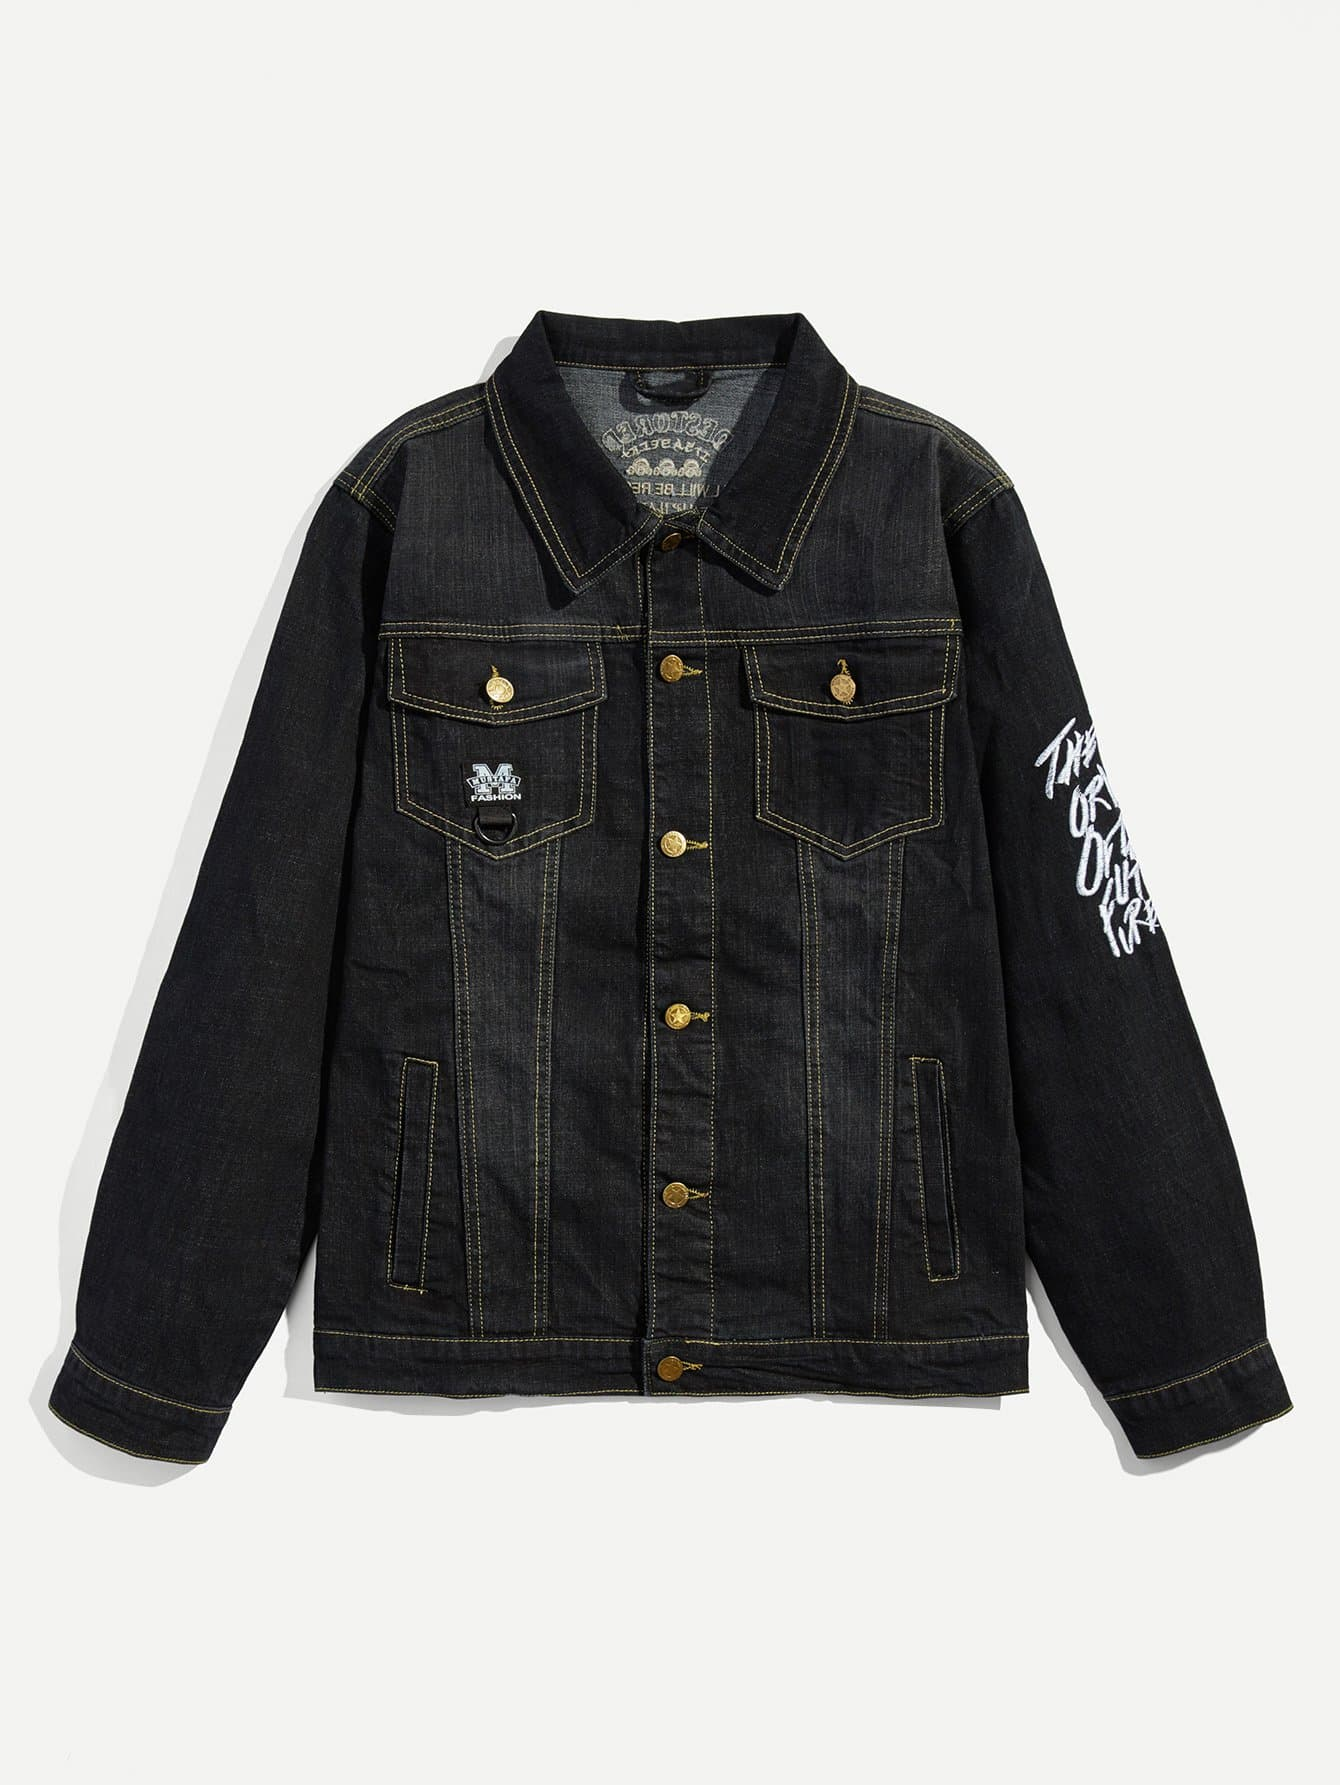 Симметрическая джинсовая куртка и с вышивки сзади одежды для мужчины